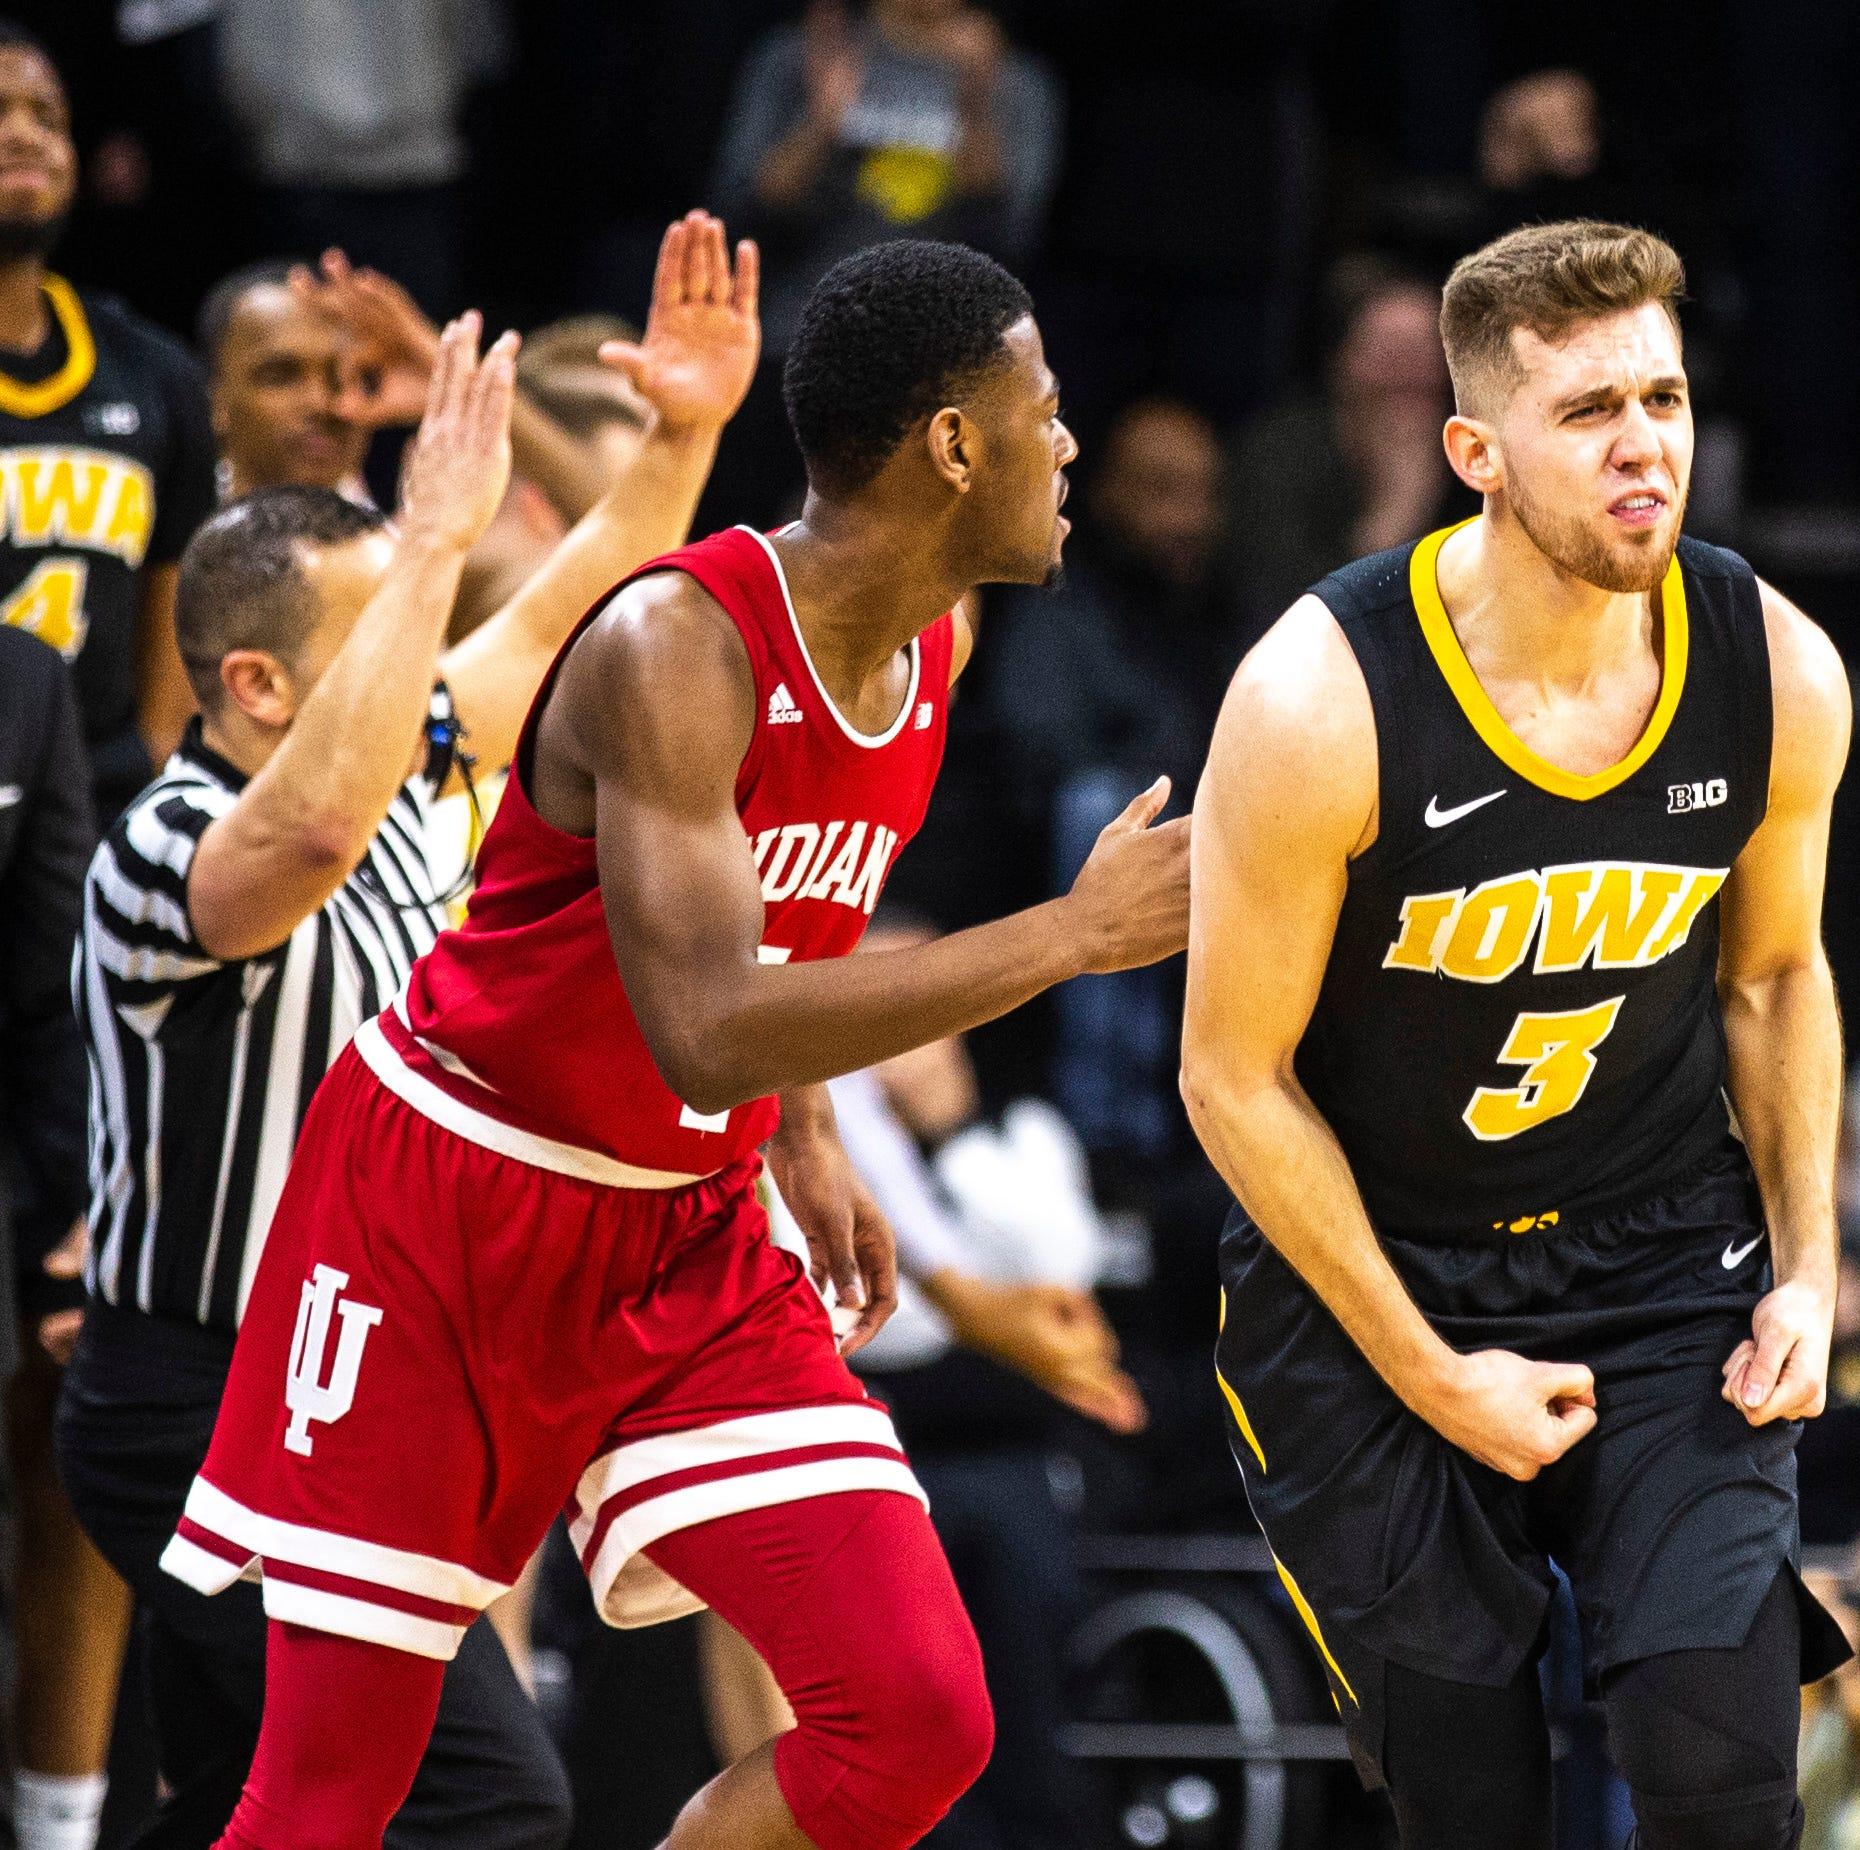 Hip injury leaves Jordan Bohannon's 2019-20 season in jeopardy